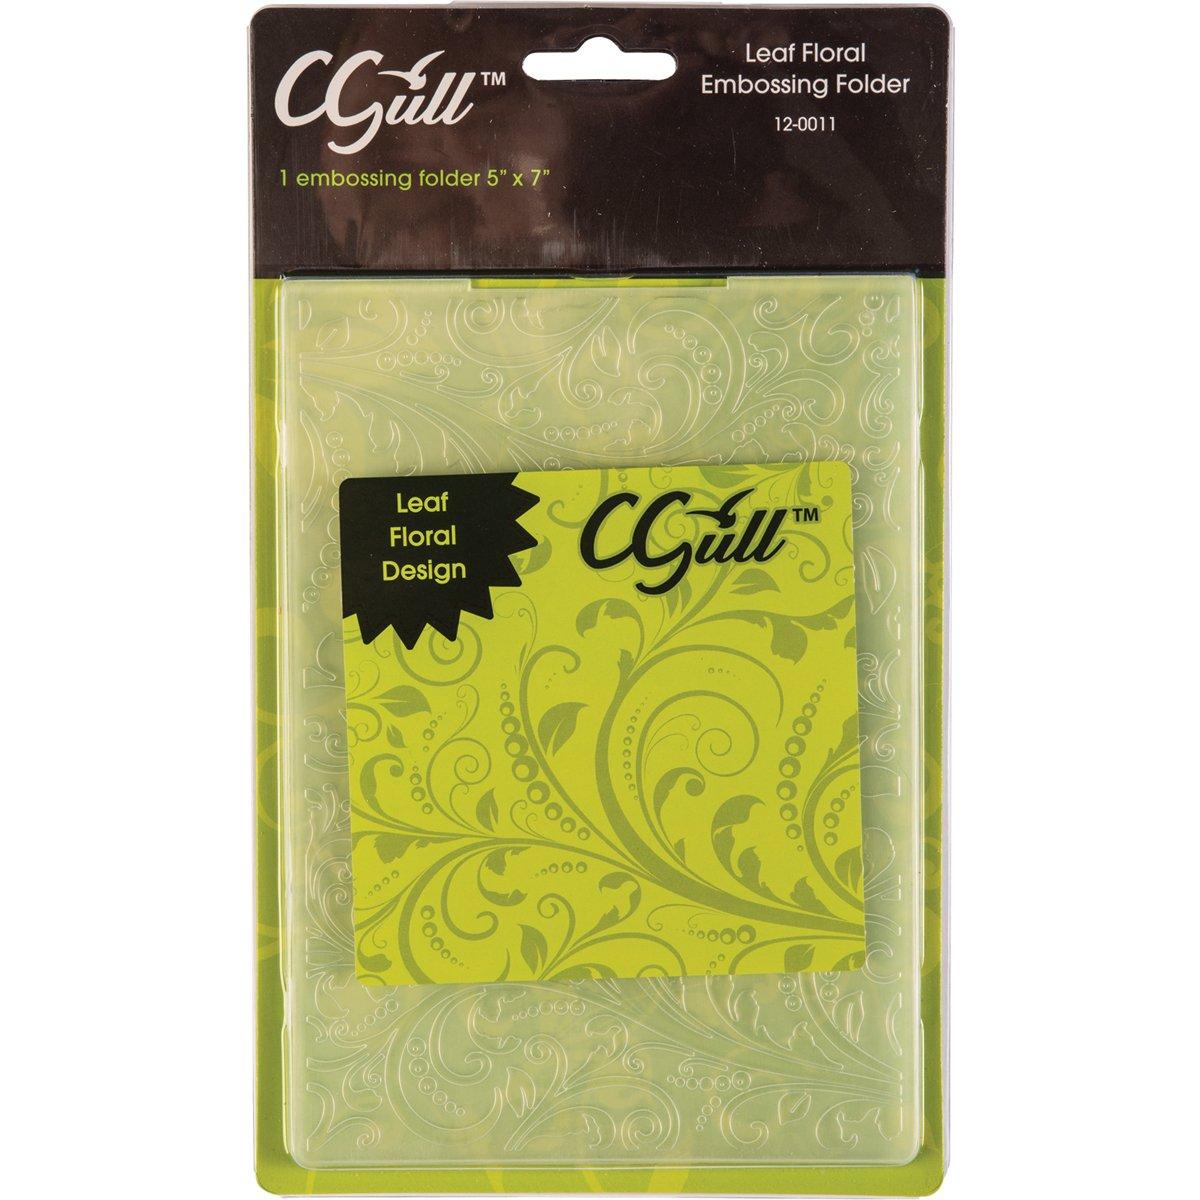 C-Gull Embossing Leaf Floral Folder 5x7-Inch